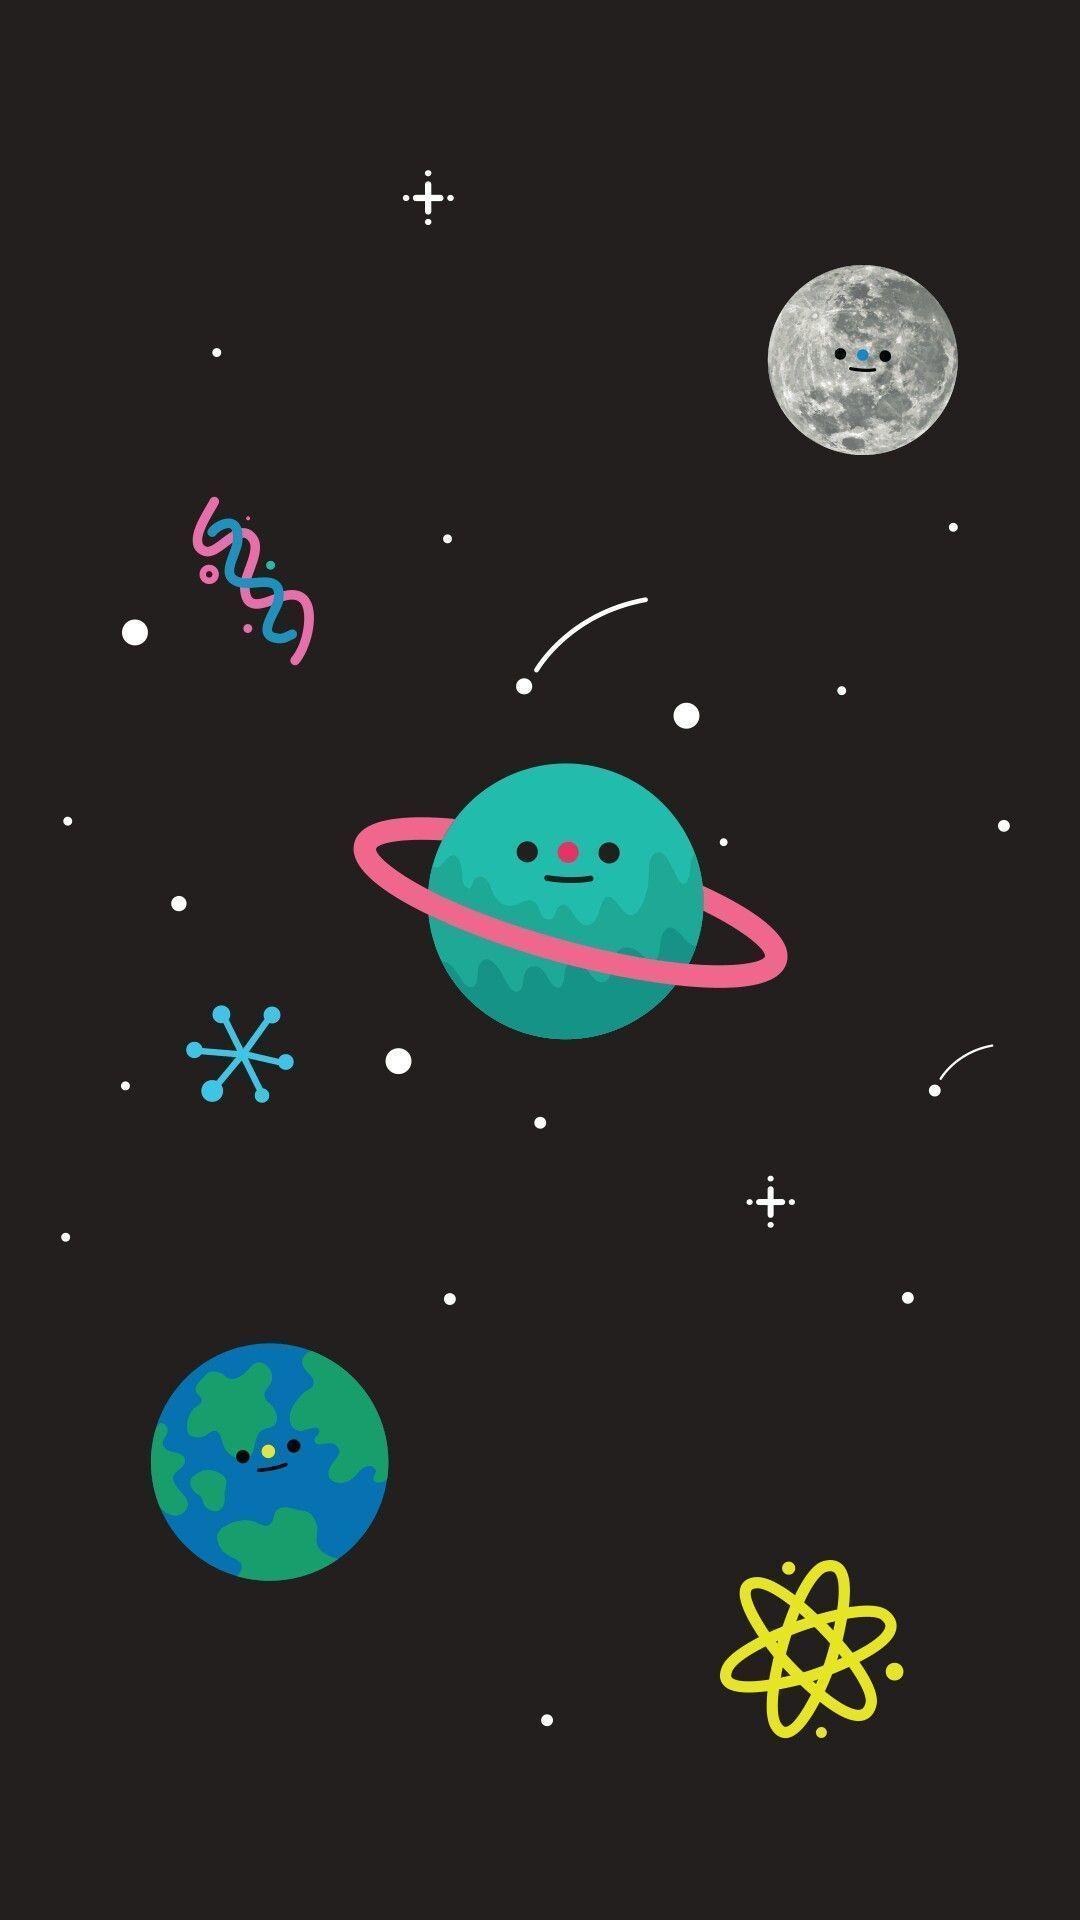 hình nền vũ trụ dễ thương 4k